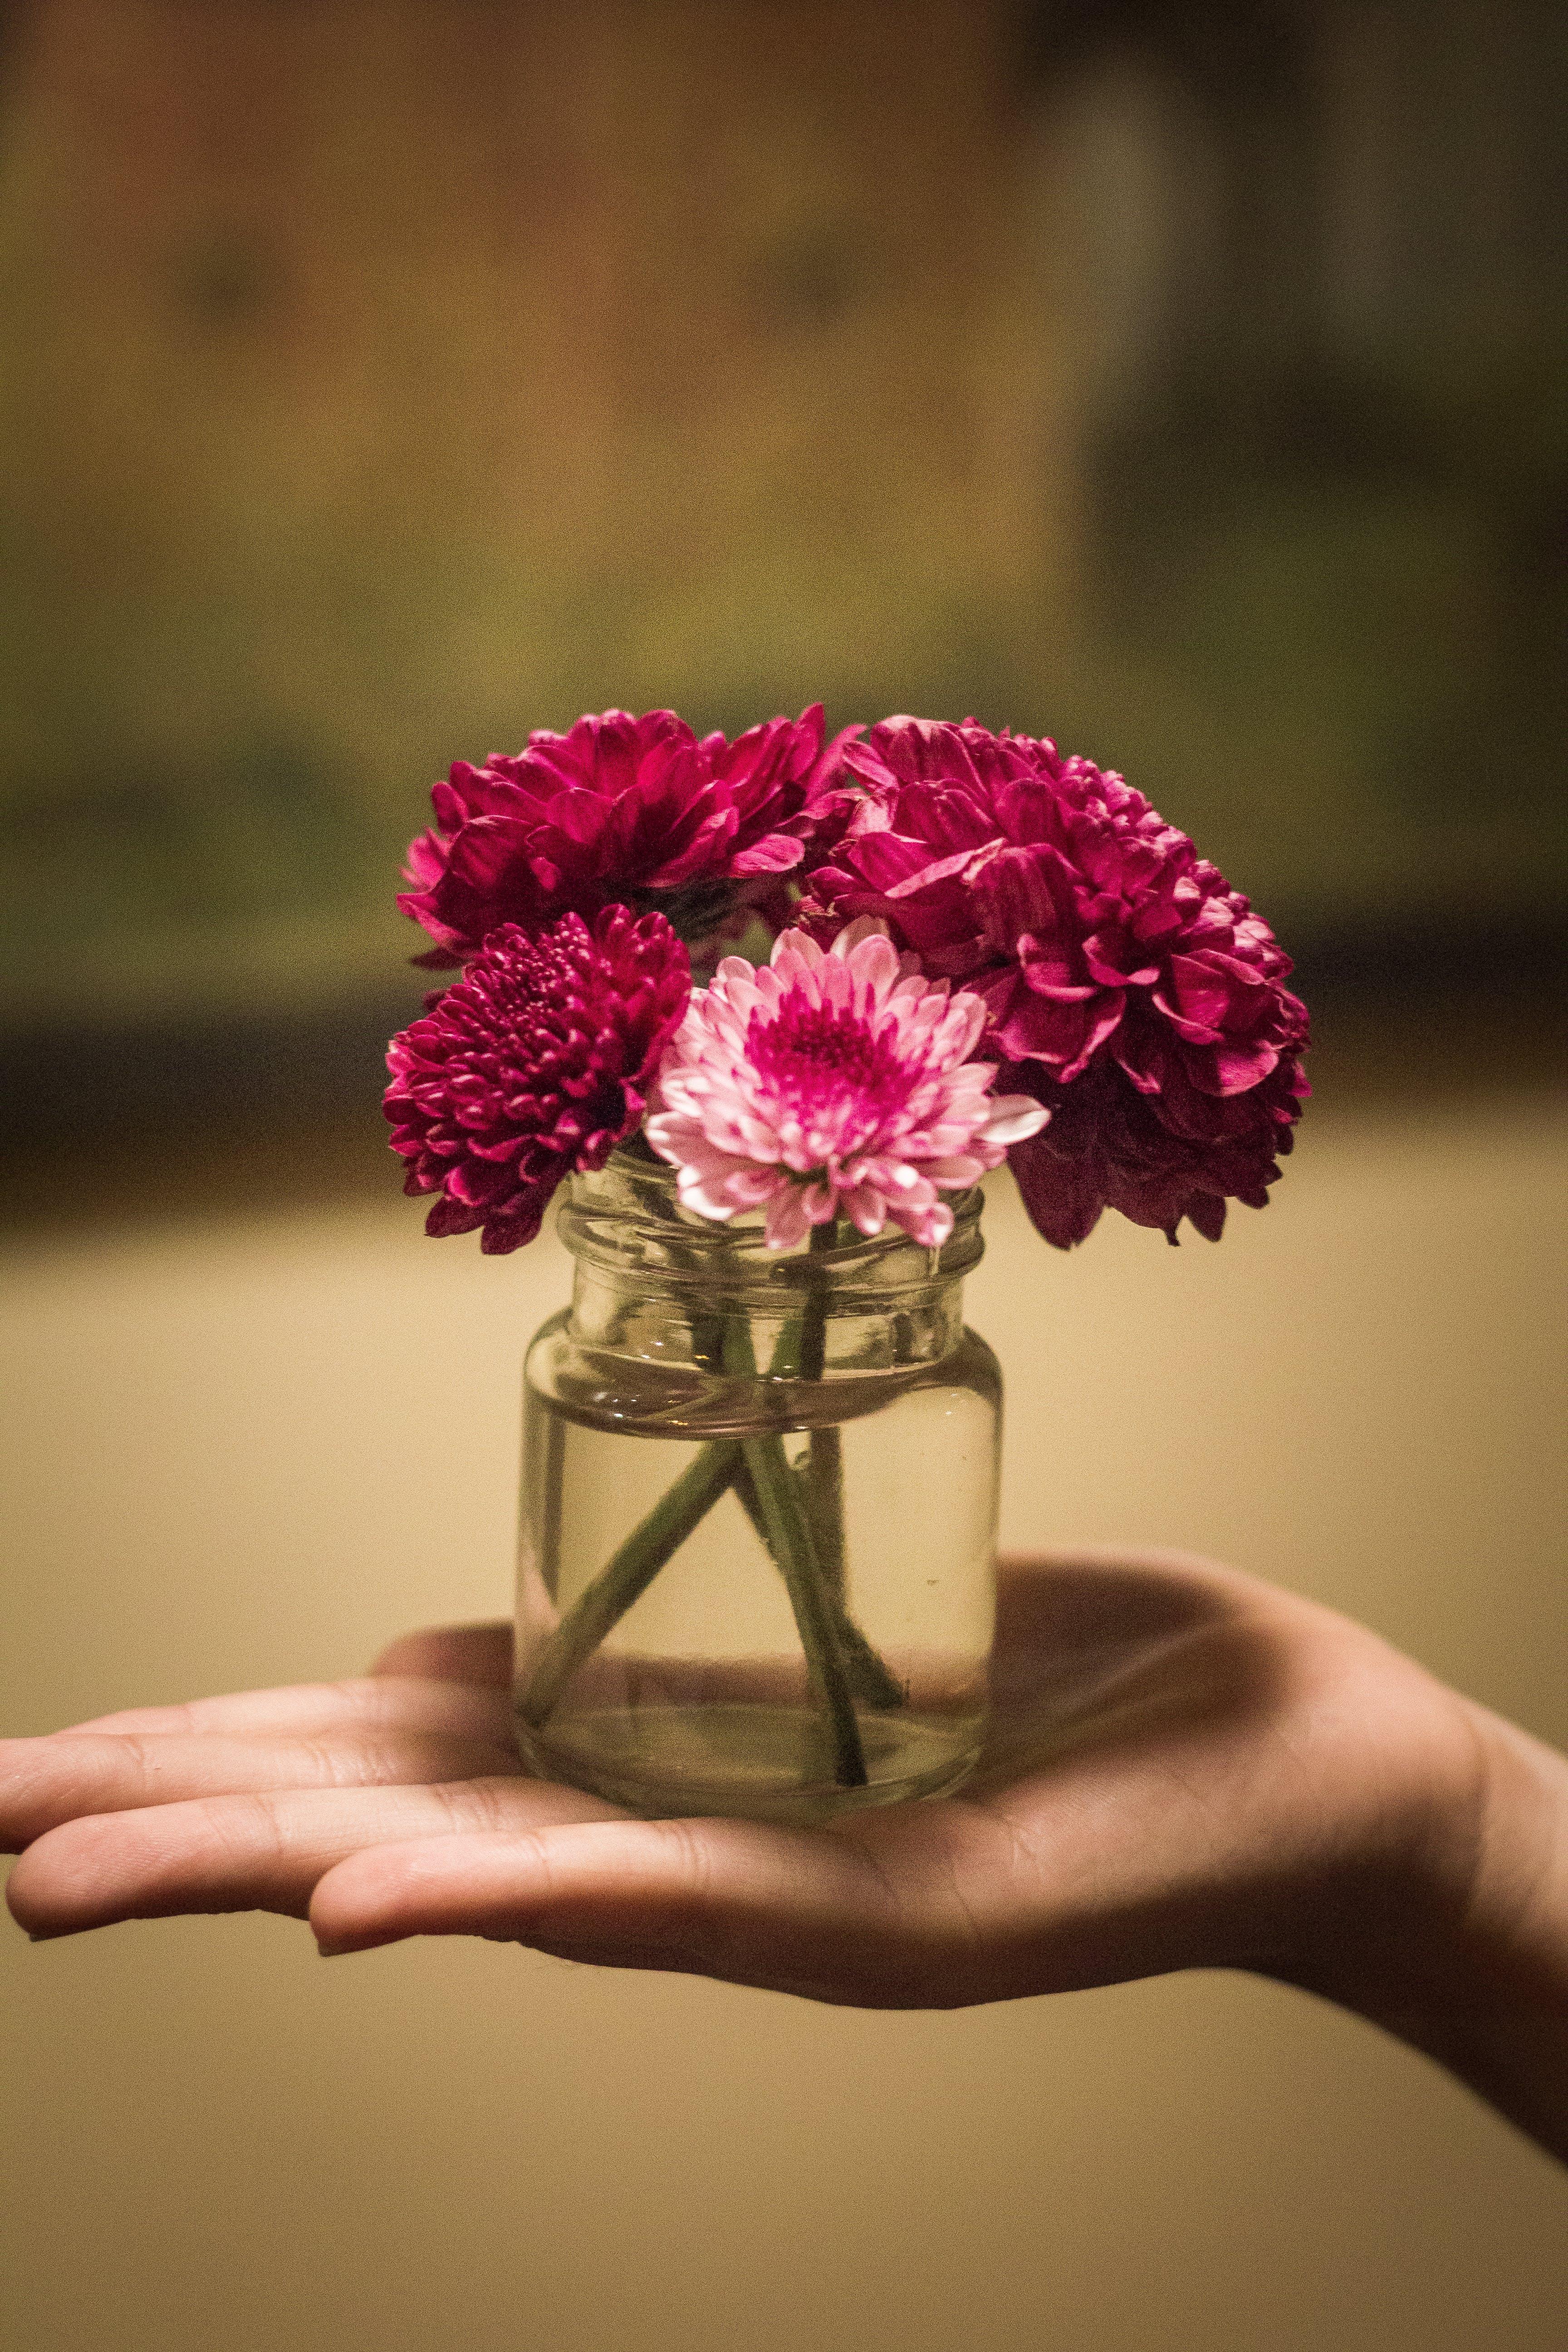 Photos gratuites de café, jeune fille, magnifiques fleurs, rétro